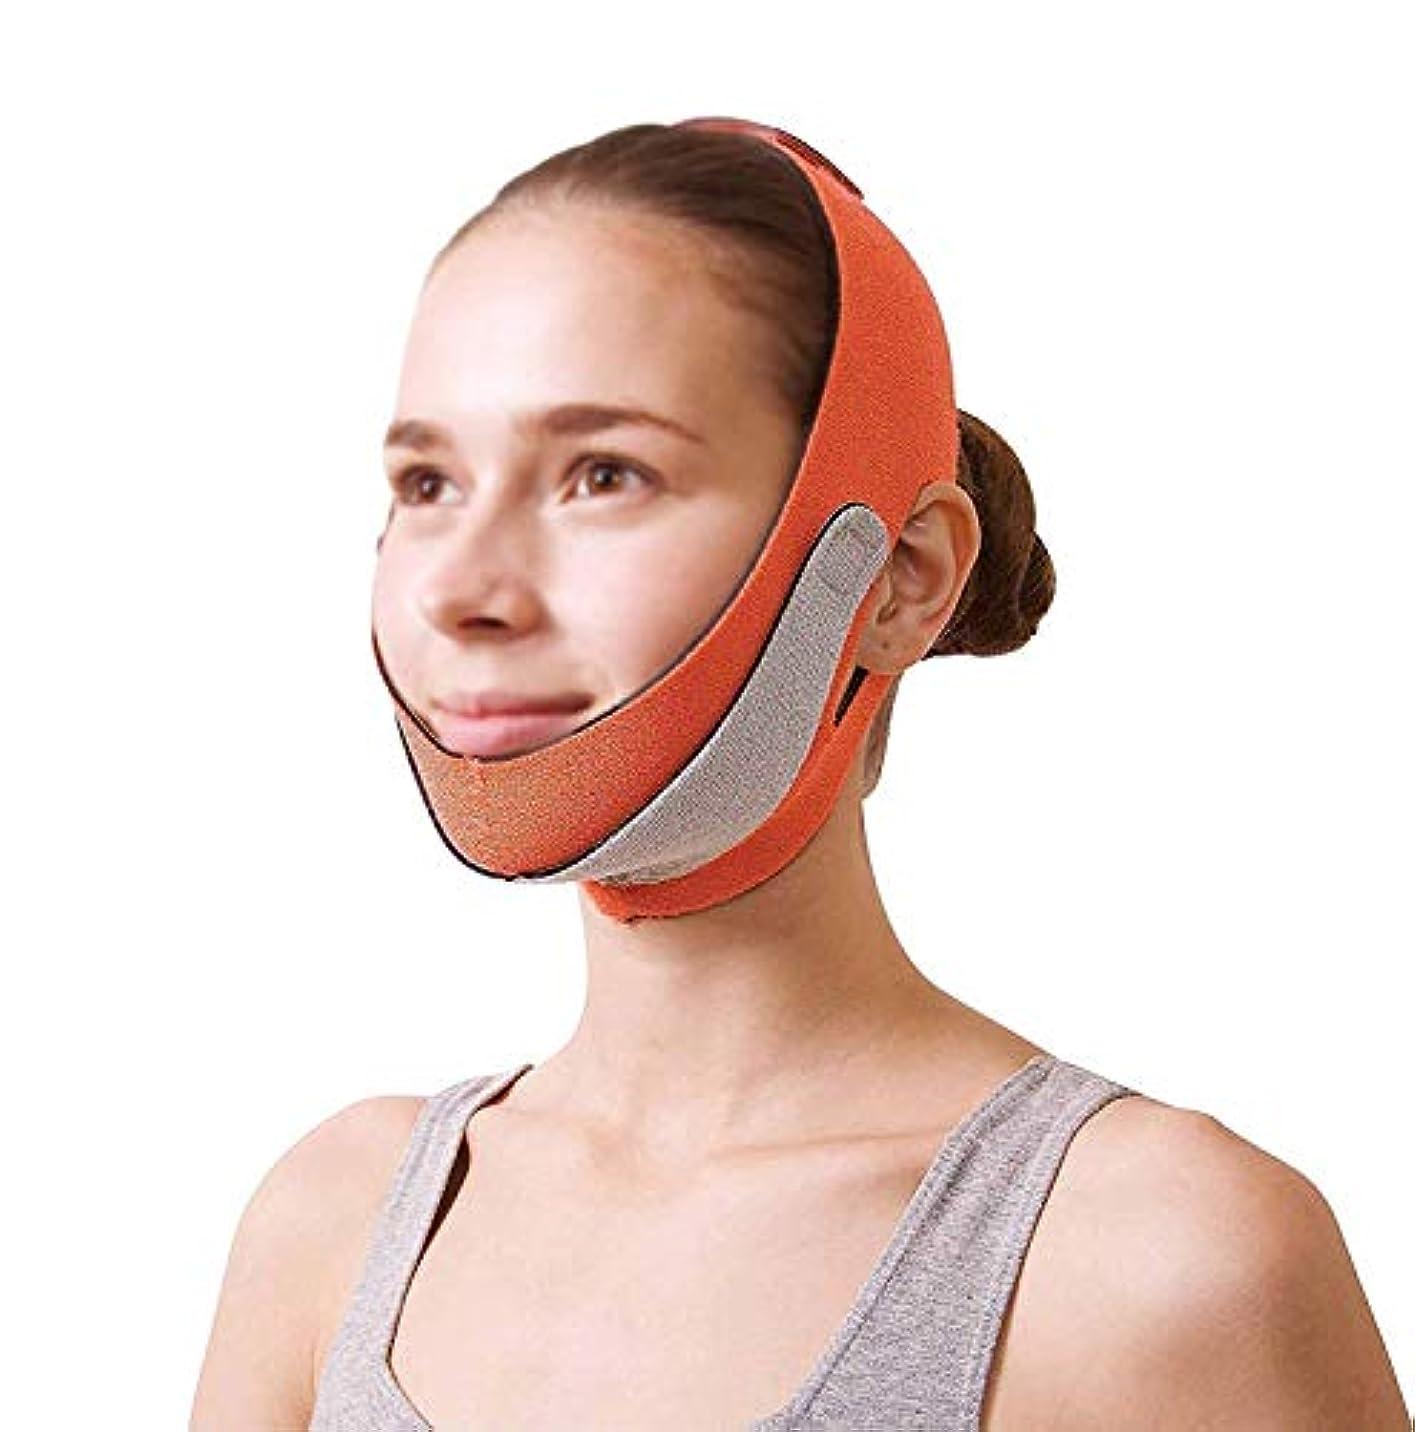 それにもかかわらず作りブリッジフェイスリフトマスク、あごストラップ回復ポスト包帯ヘッドギアフェイスマスク顔薄いフェイスマスクアーティファクト美容顔と首リフトオレンジマスク